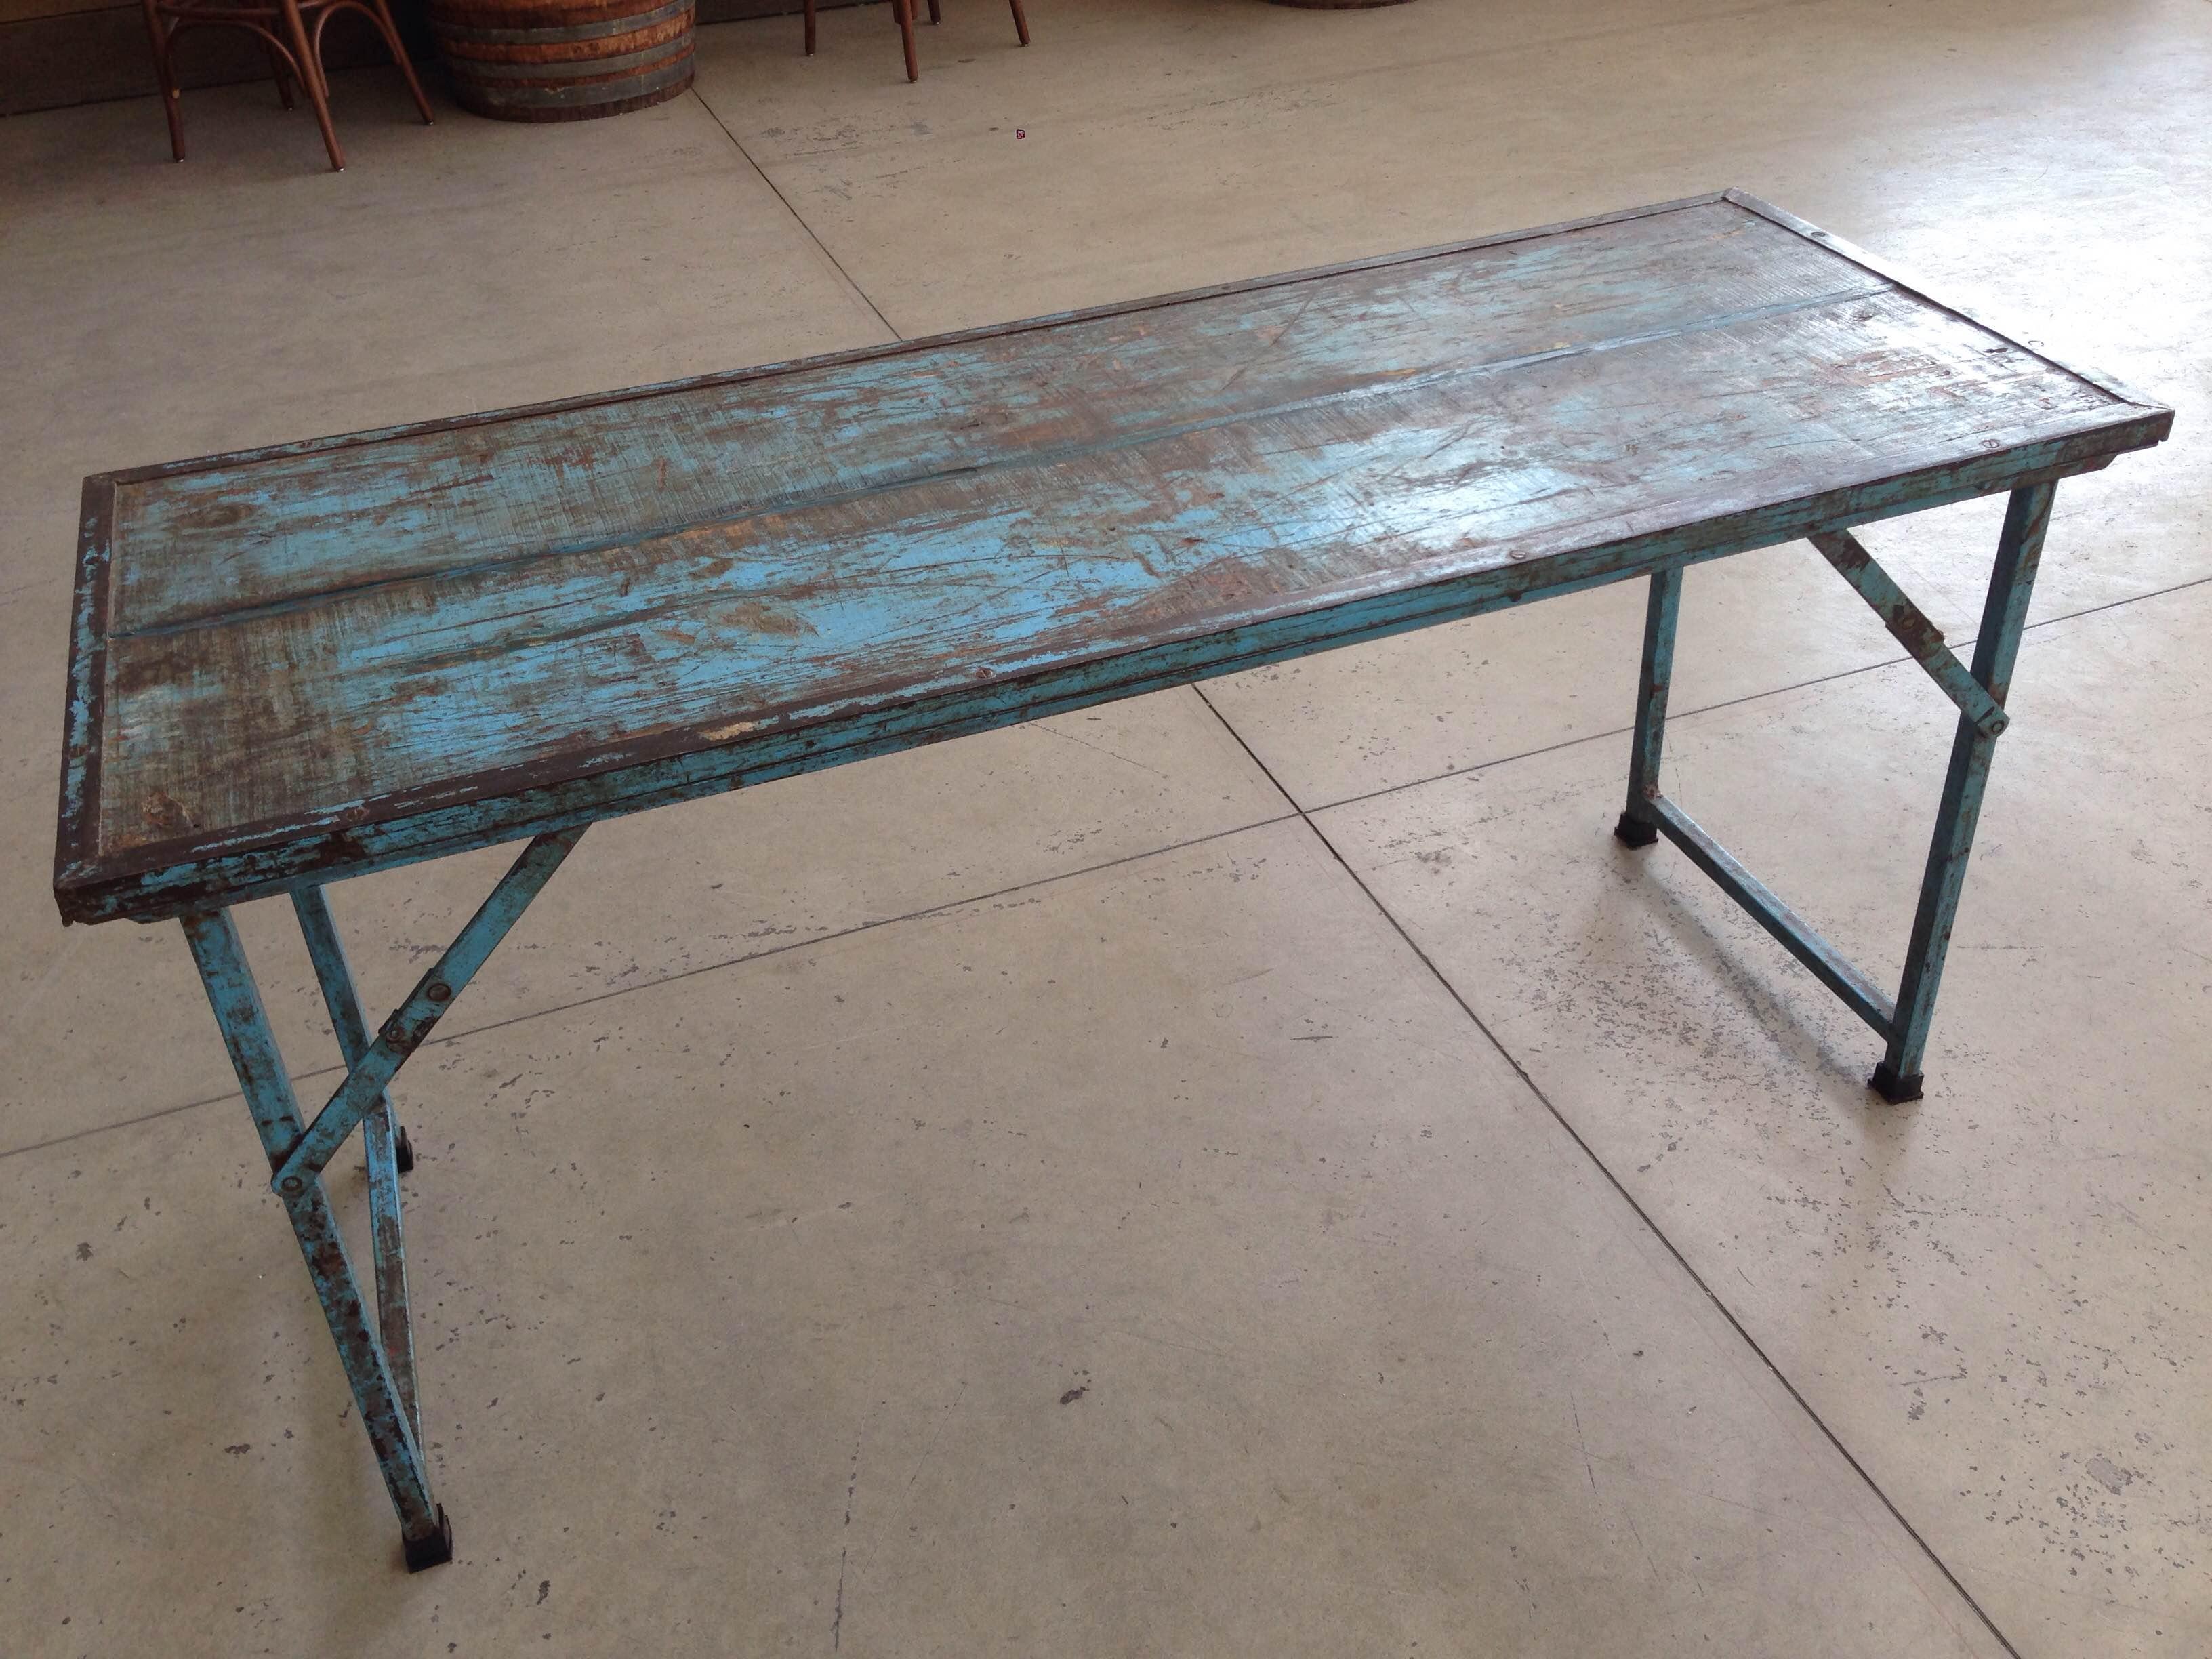 Tavolo pieghevole in legno blu neoretr - Mobili industriali vintage ...